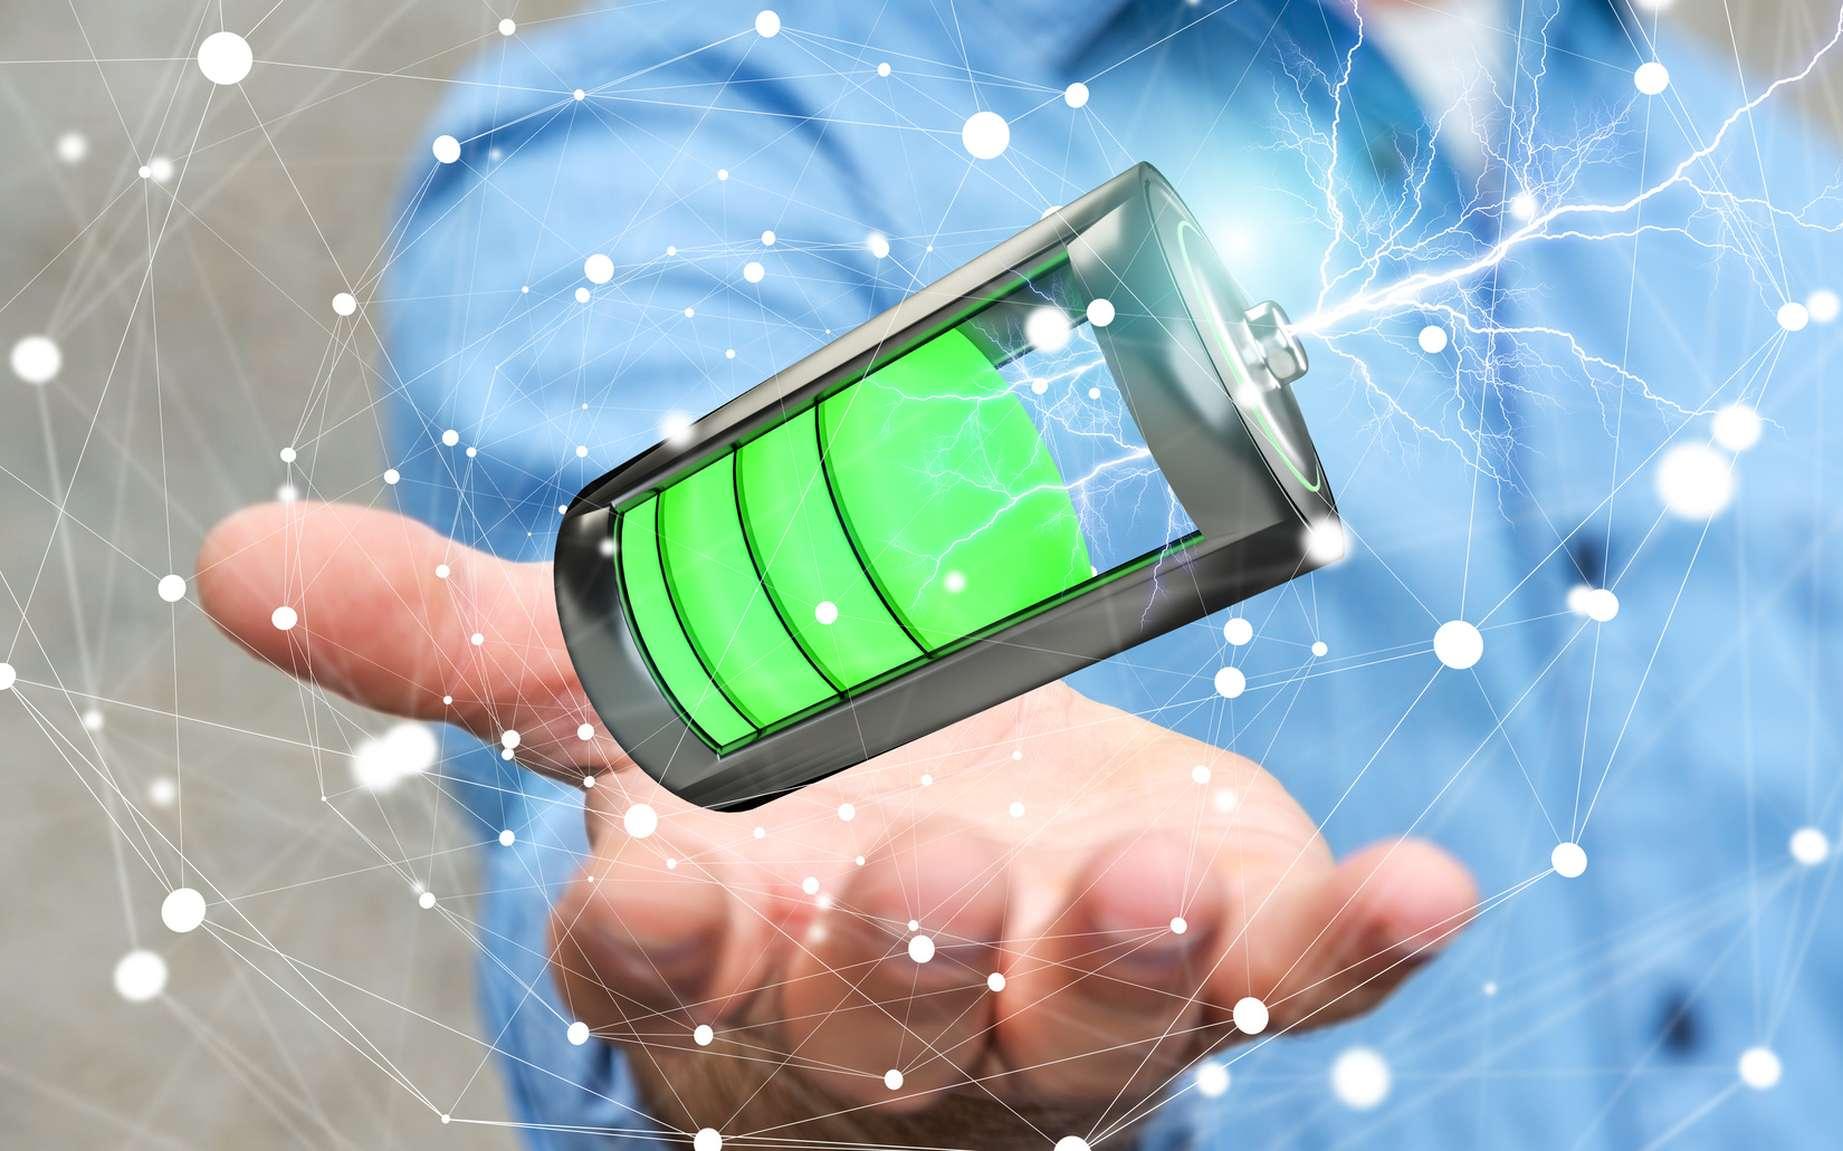 Les batteries en métal liquide à température ambiante seraient plus performantes et plus durables. © Sdecoret, Fotolia